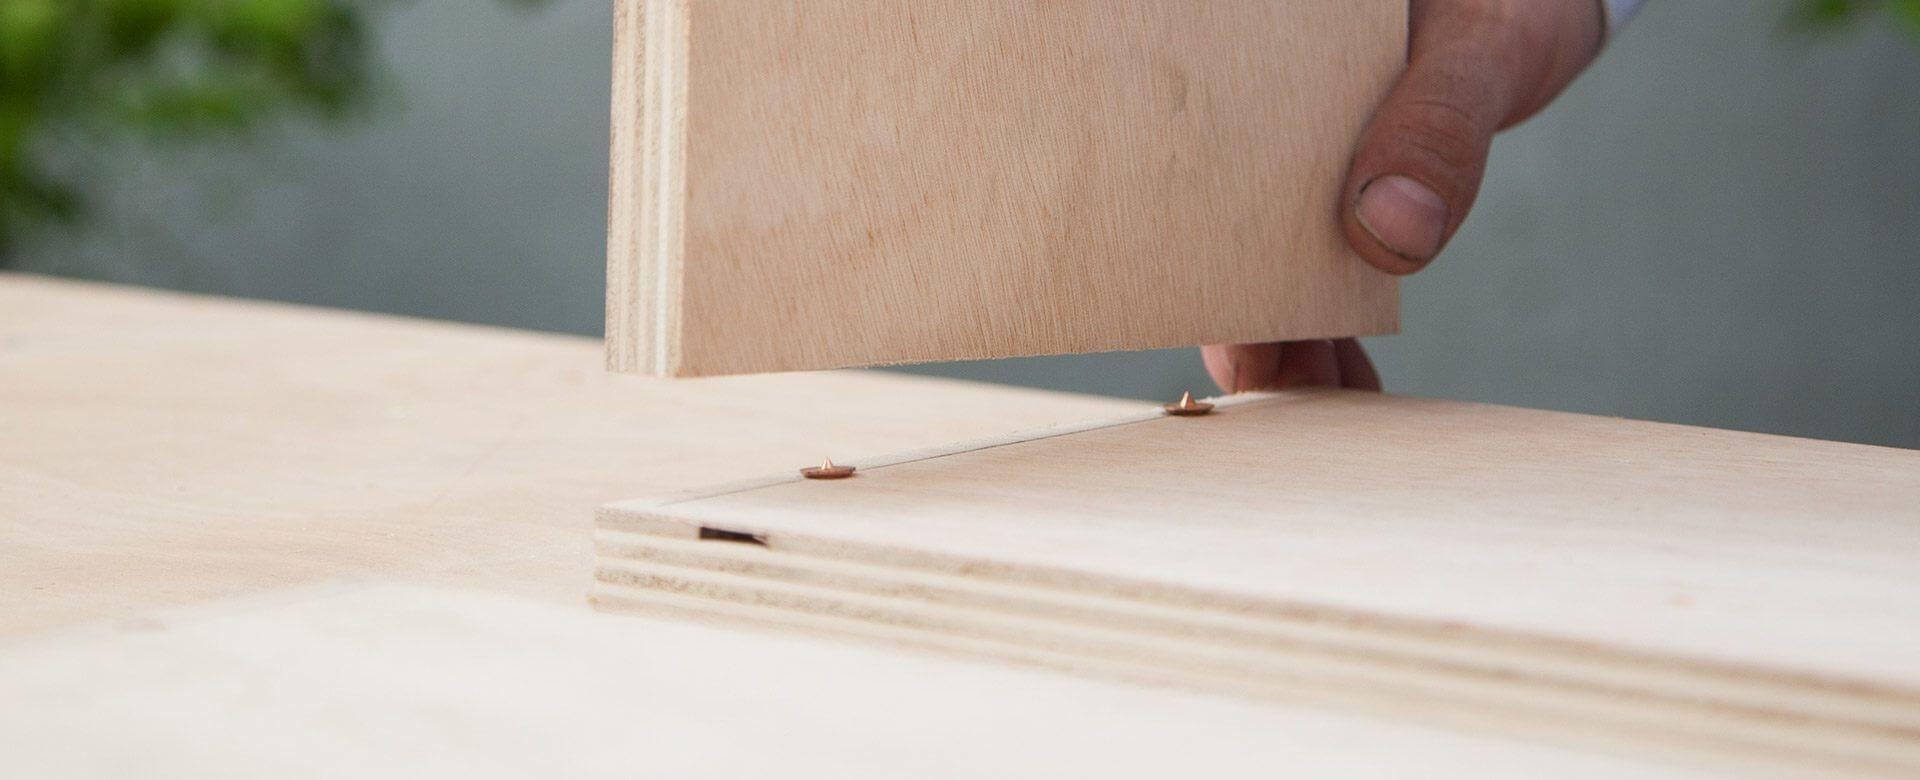 Fabriquer Une Biblioth Que En Bois Projets Tutoriel De Bricolage  # Fabriquer Bibliotheque En Bois